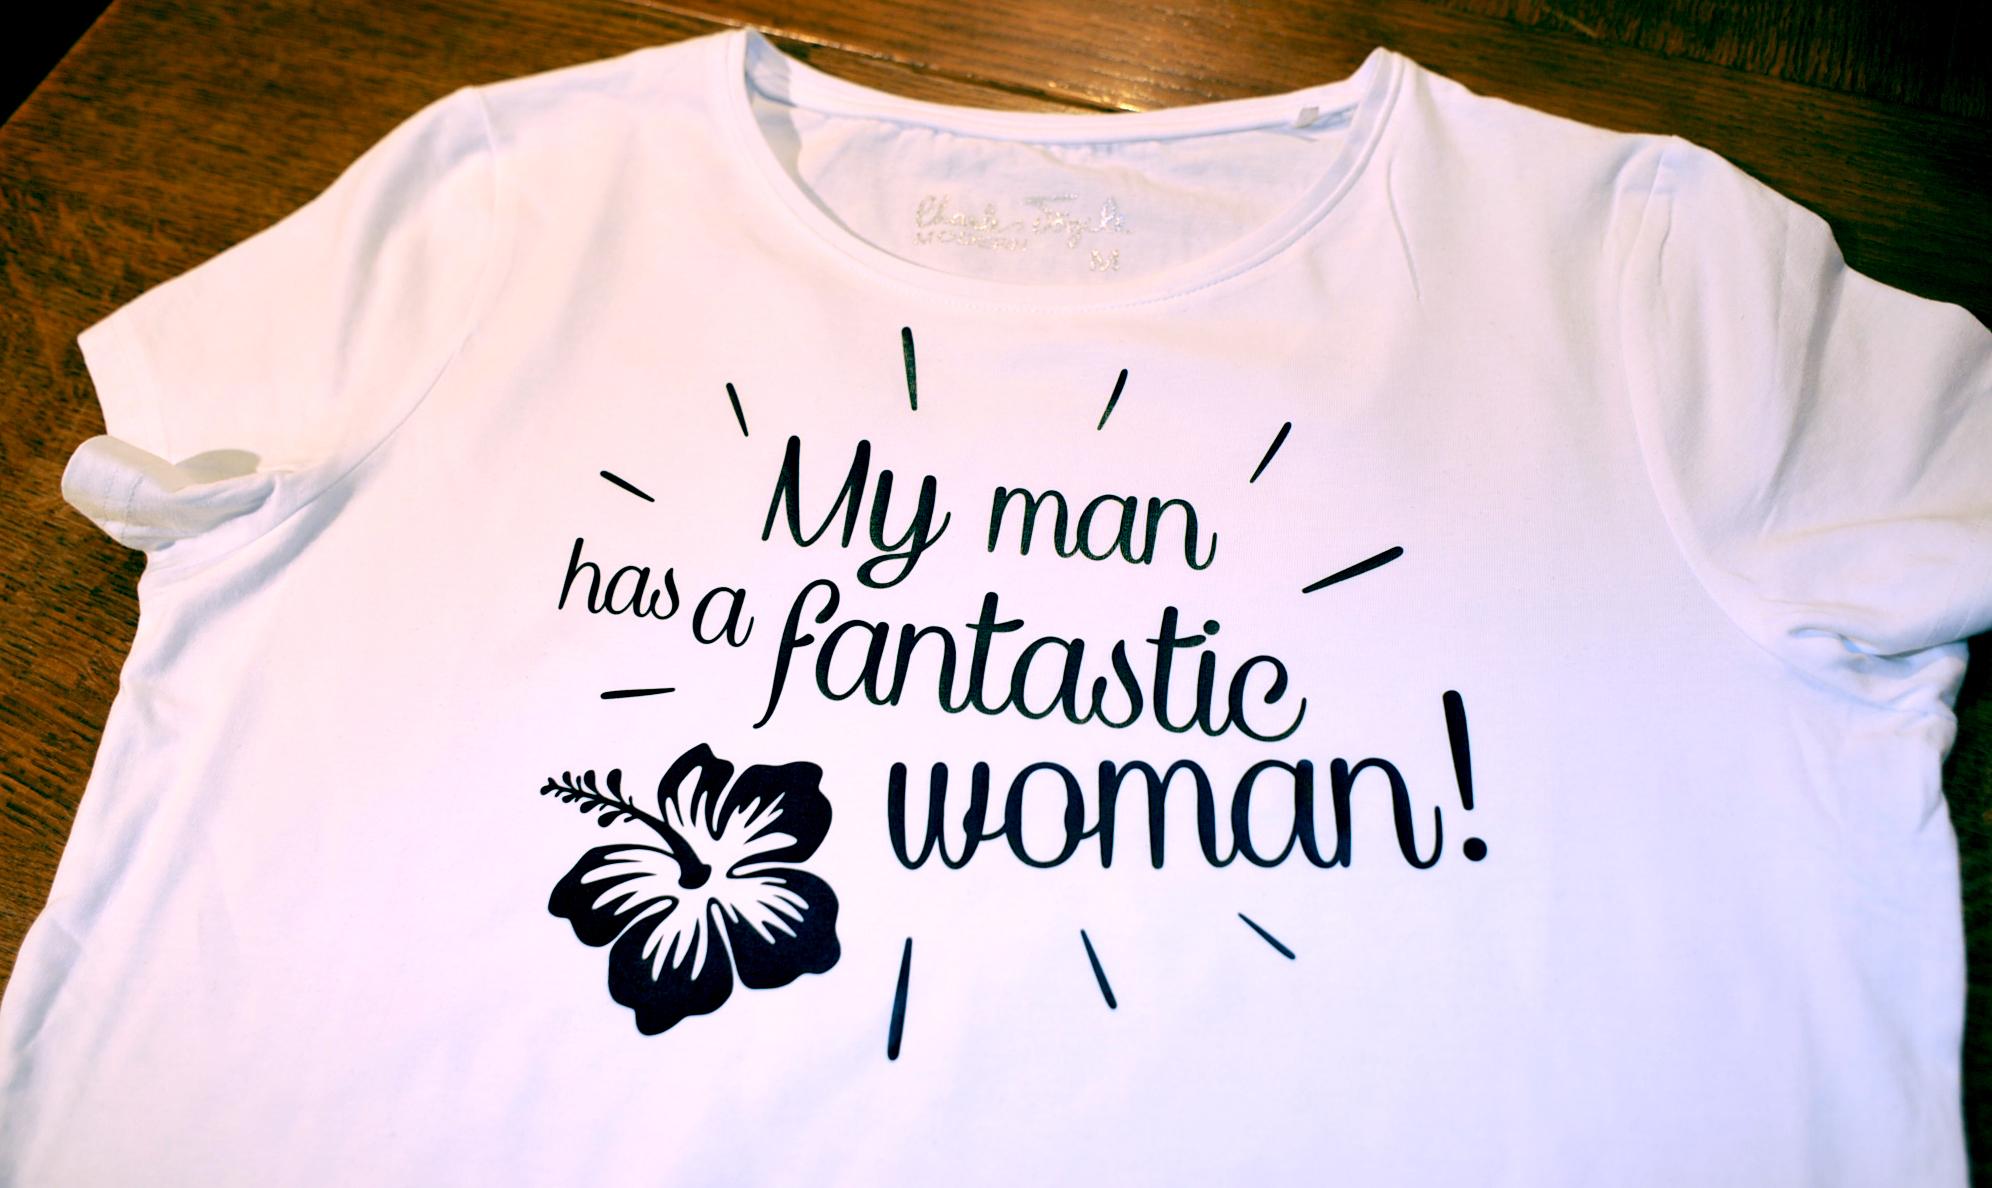 Flex_fantastic_woman